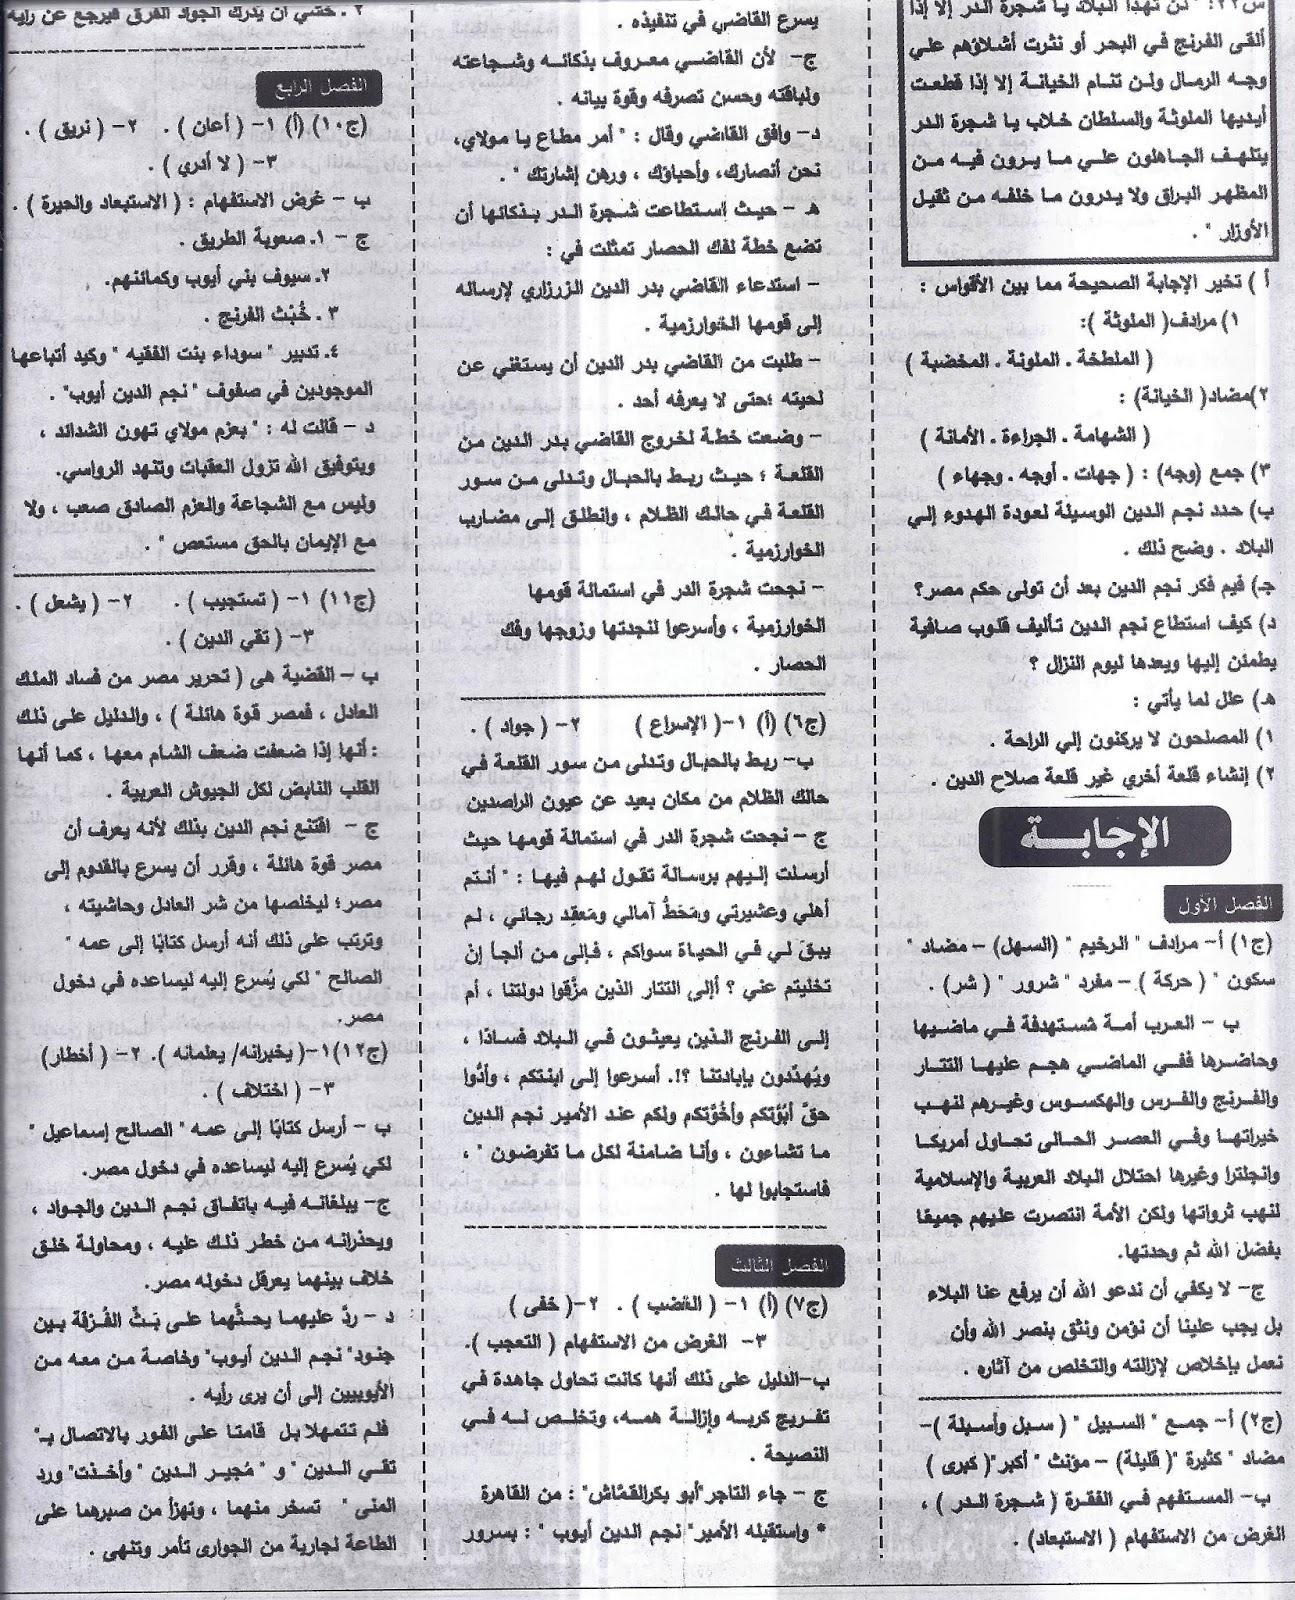 """ملحق الجمهورية ينشر... س وج المتوقع لقصة """"طموح جارية"""" للشهادة الإعدادية نصف العام 2016 5"""